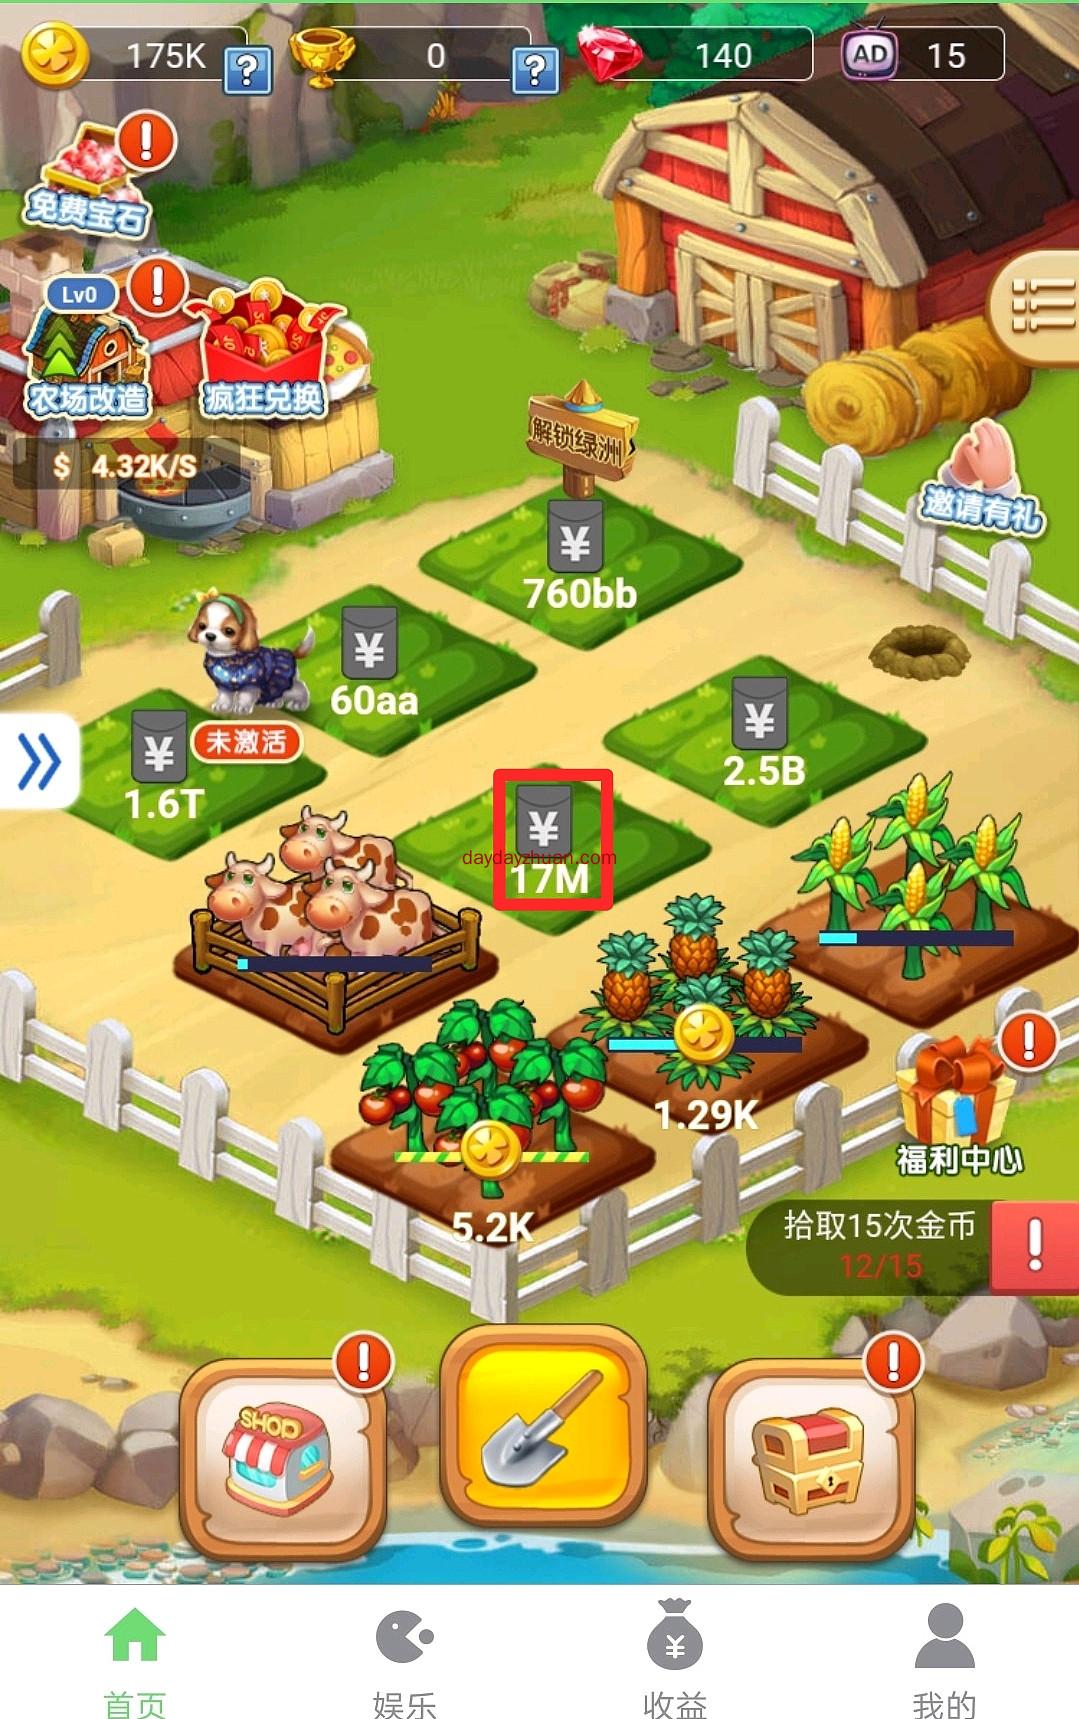 疯狂农场随便玩玩秒提0.3元!  第2张